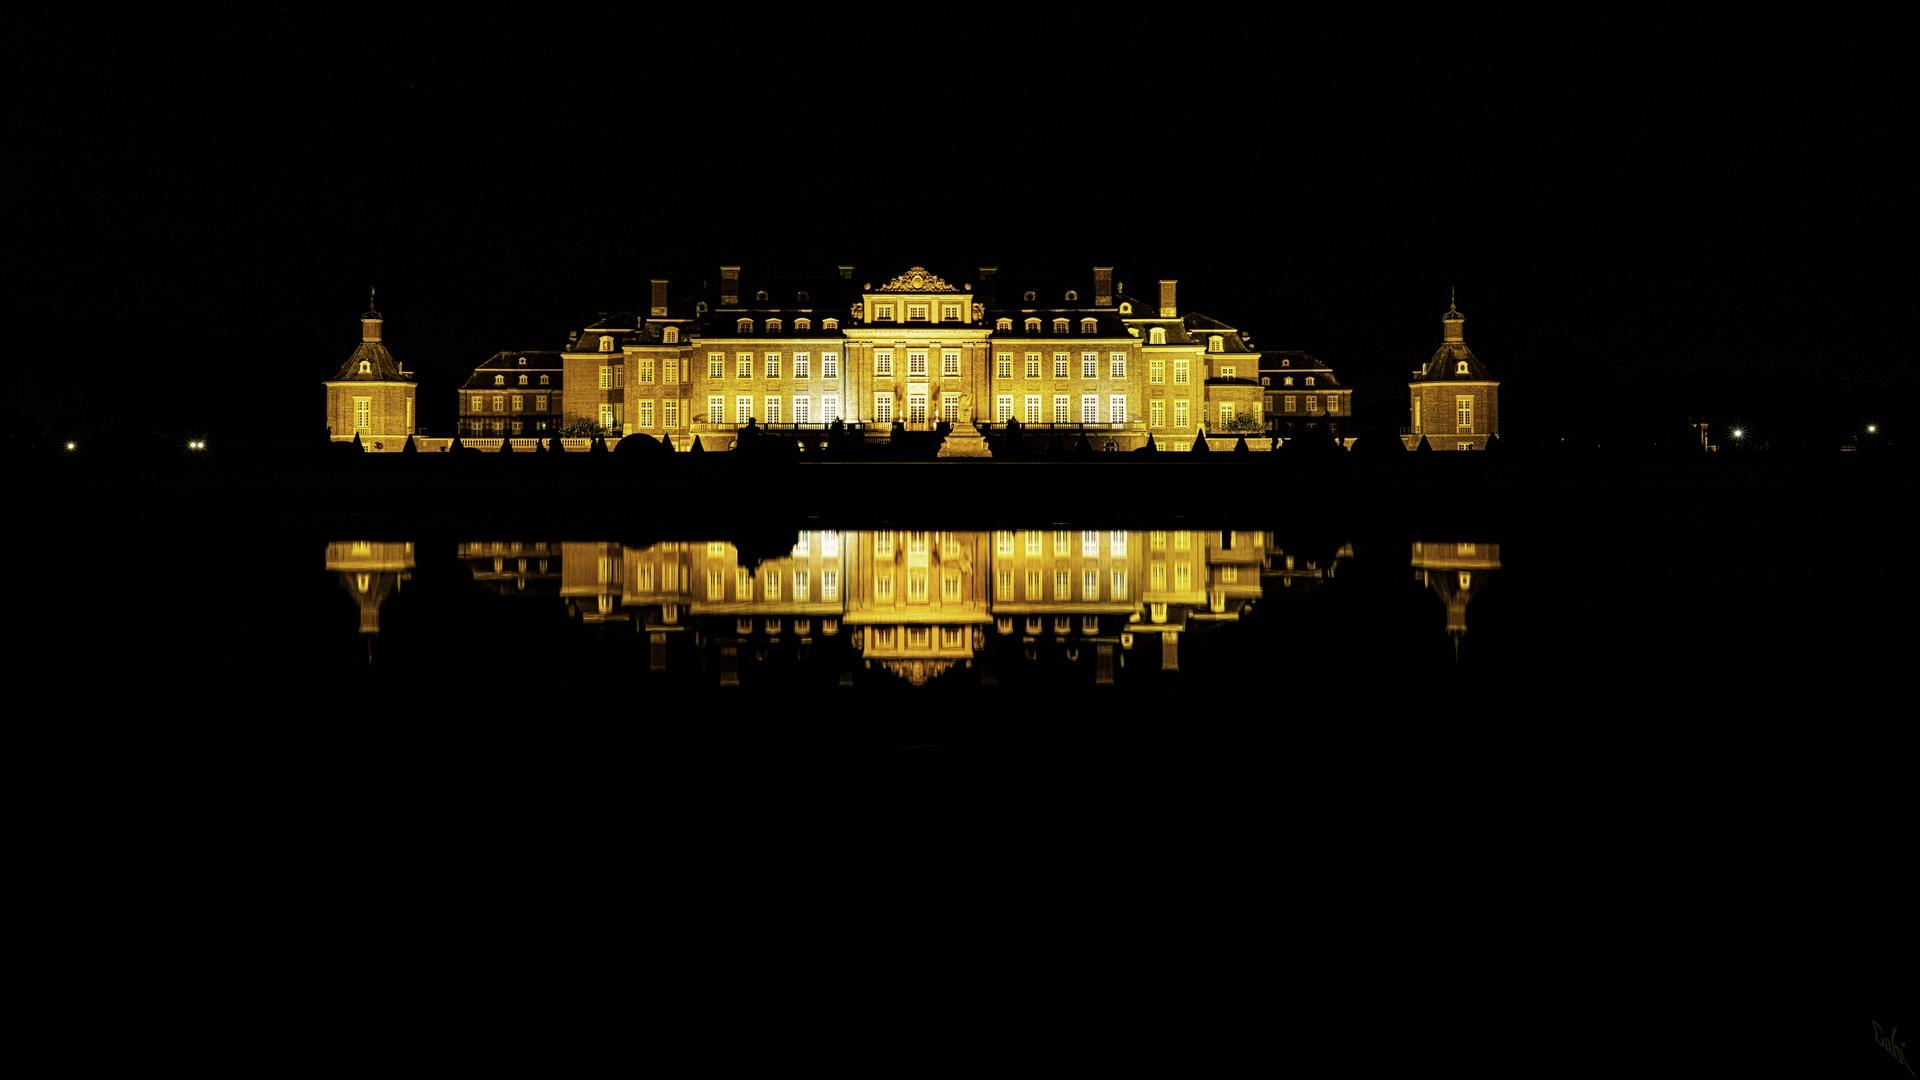 Heute im Spiegel: Schloss Nordkirchen bei Nacht, für mich eins der schönsten Schlösser!